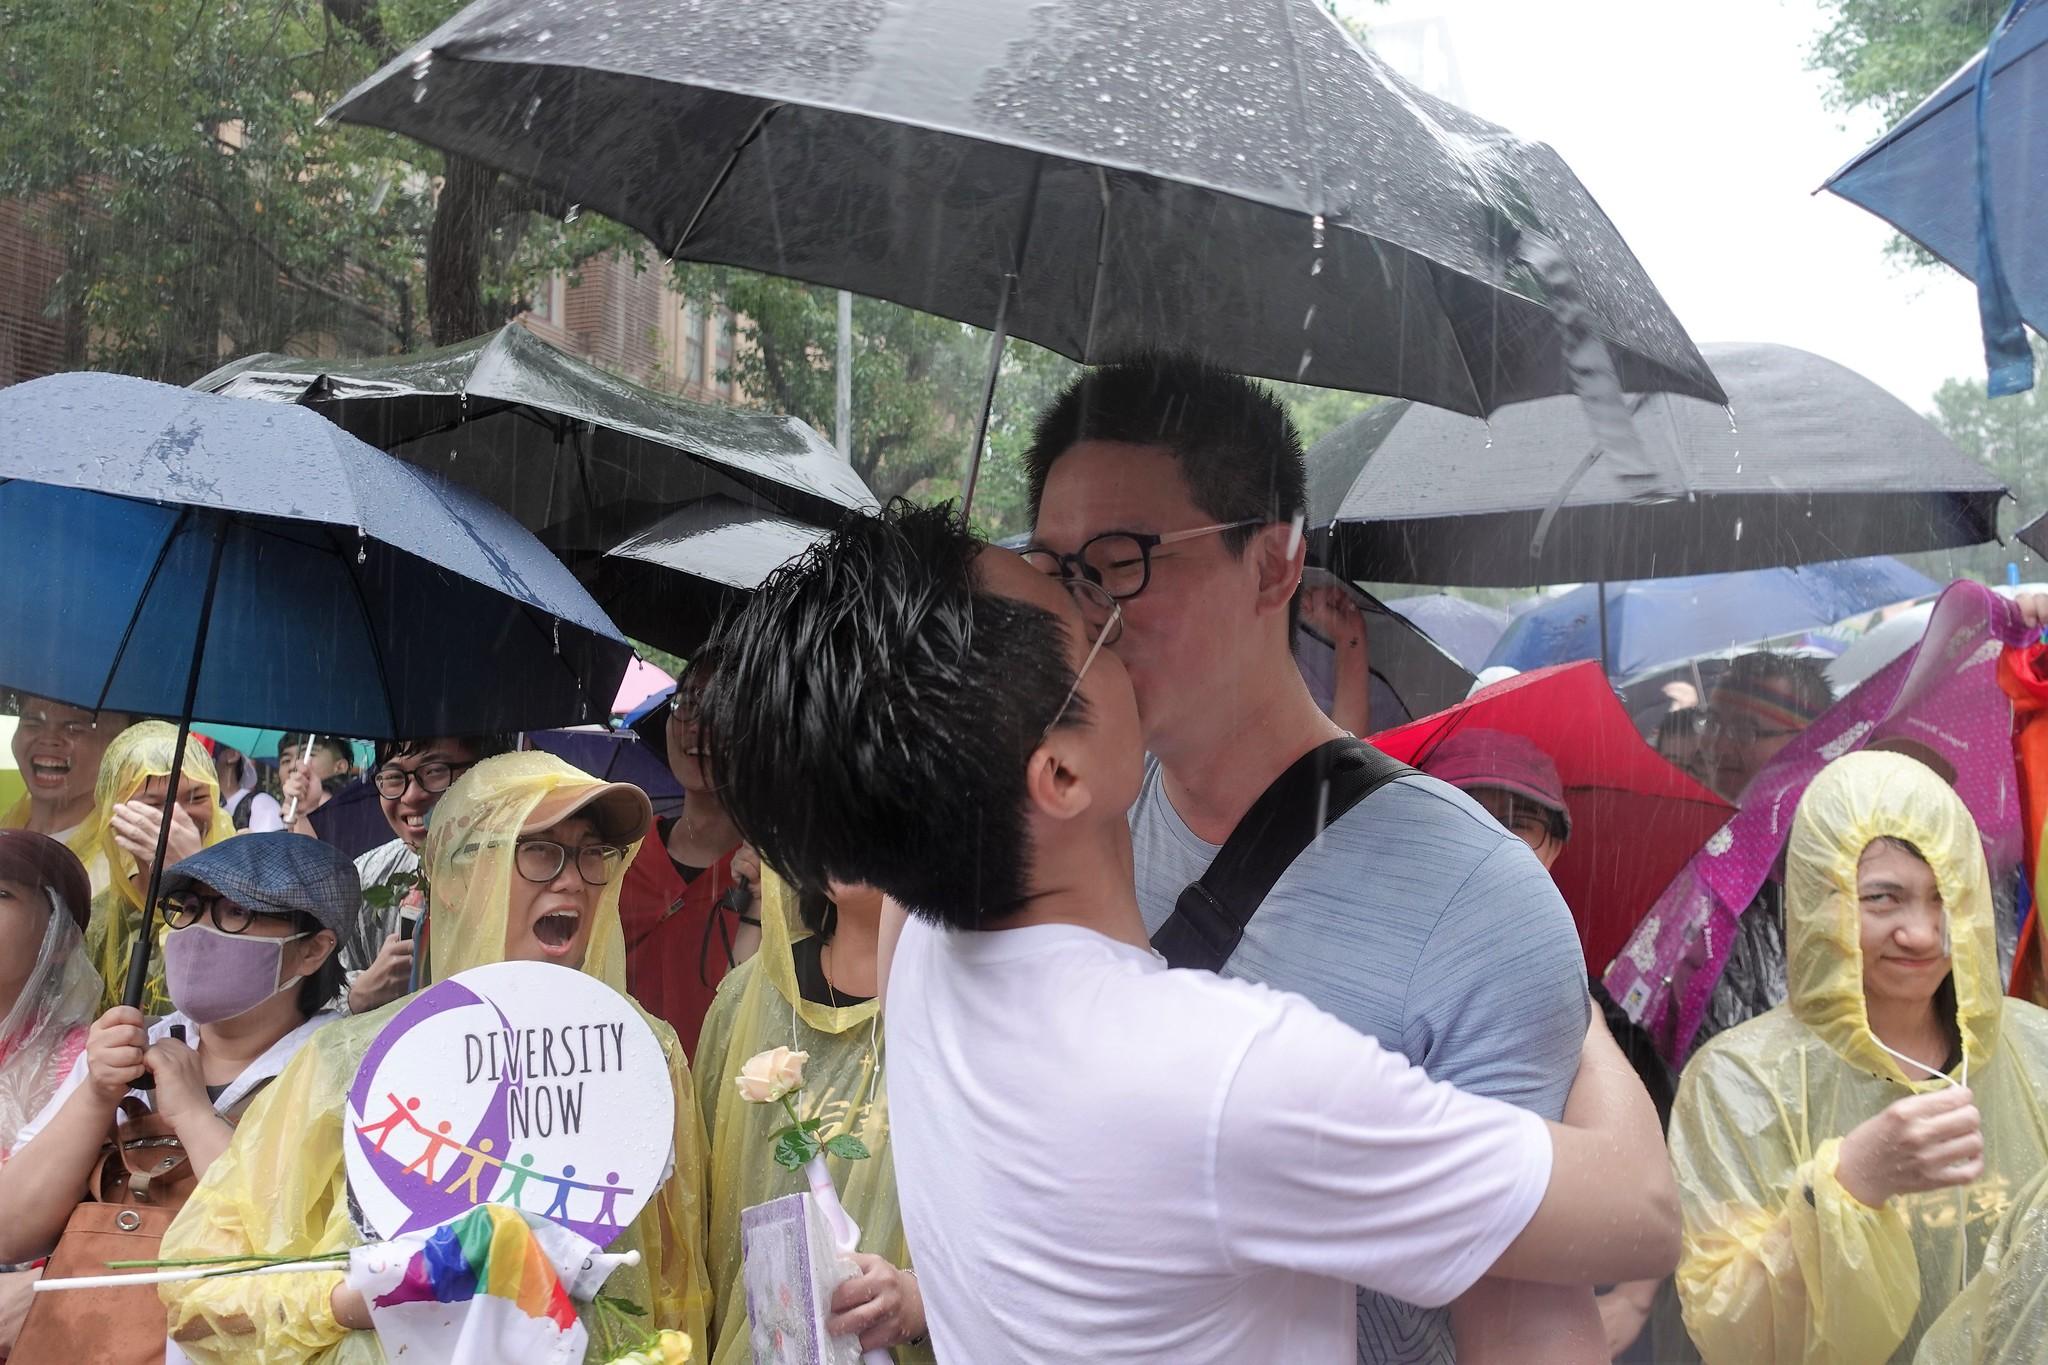 同婚法案逐條二讀通過,男同志伴侶開心地親吻彼此。(攝影:張智琦)